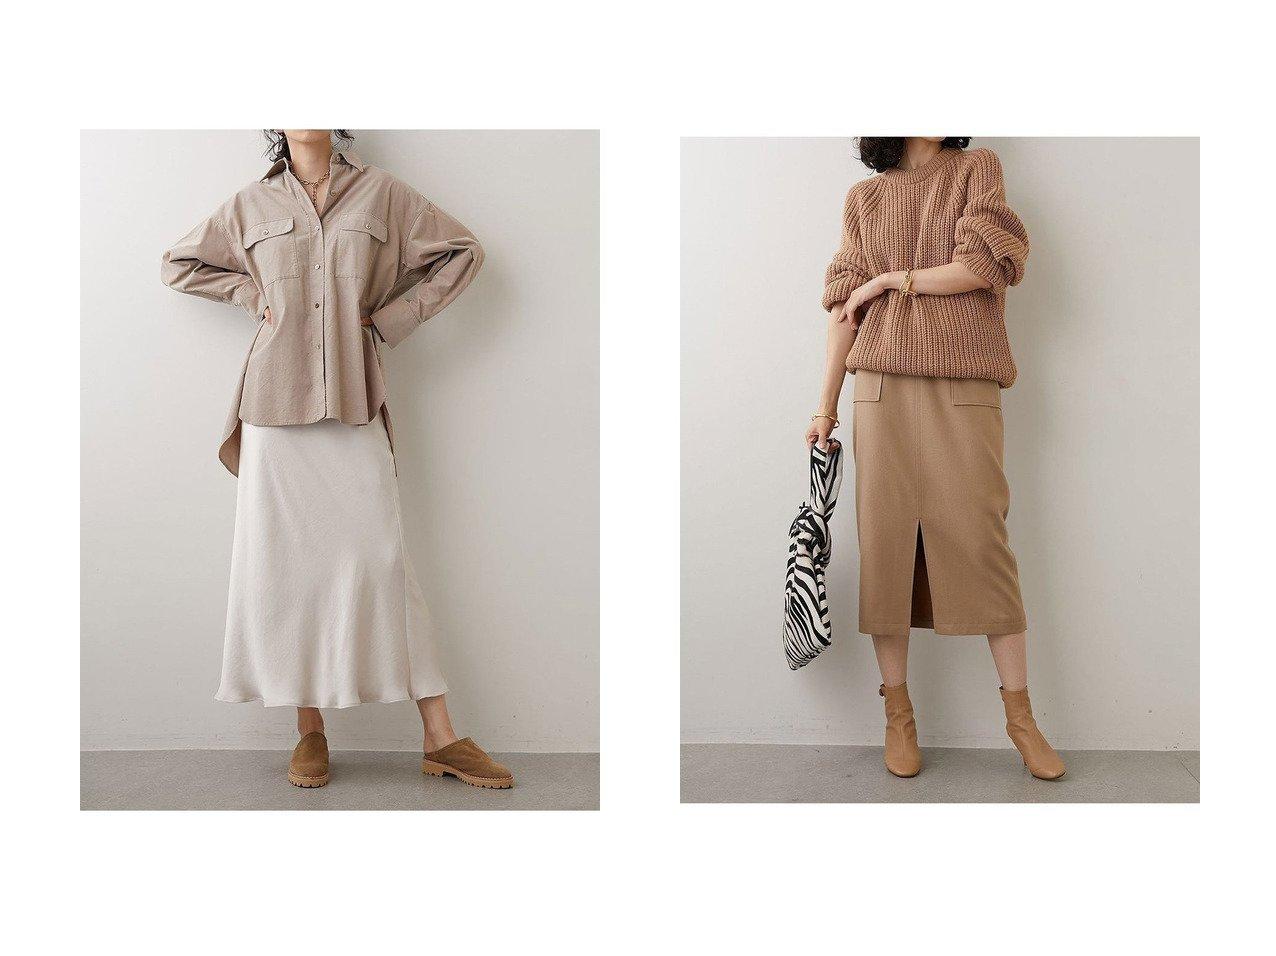 【Whim Gazette/ウィムガゼット】のサテンフレアスカート&FRANO タイトスカート 【スカート】おすすめ!人気、トレンド・レディースファッションの通販   おすすめで人気の流行・トレンド、ファッションの通販商品 インテリア・家具・メンズファッション・キッズファッション・レディースファッション・服の通販 founy(ファニー) https://founy.com/ ファッション Fashion レディースファッション WOMEN スカート Skirt Aライン/フレアスカート Flared A-Line Skirts ロングスカート Long Skirt 2020年 2020 2020-2021秋冬・A/W AW・Autumn/Winter・FW・Fall-Winter/2020-2021 2021年 2021 2021-2022秋冬・A/W AW・Autumn/Winter・FW・Fall-Winter・2021-2022 A/W・秋冬 AW・Autumn/Winter・FW・Fall-Winter シンプル ストレート タイトスカート フロント ベーシック ポケット ミモレ ヴィンテージ バイアス フェミニン ロング |ID:crp329100000066089